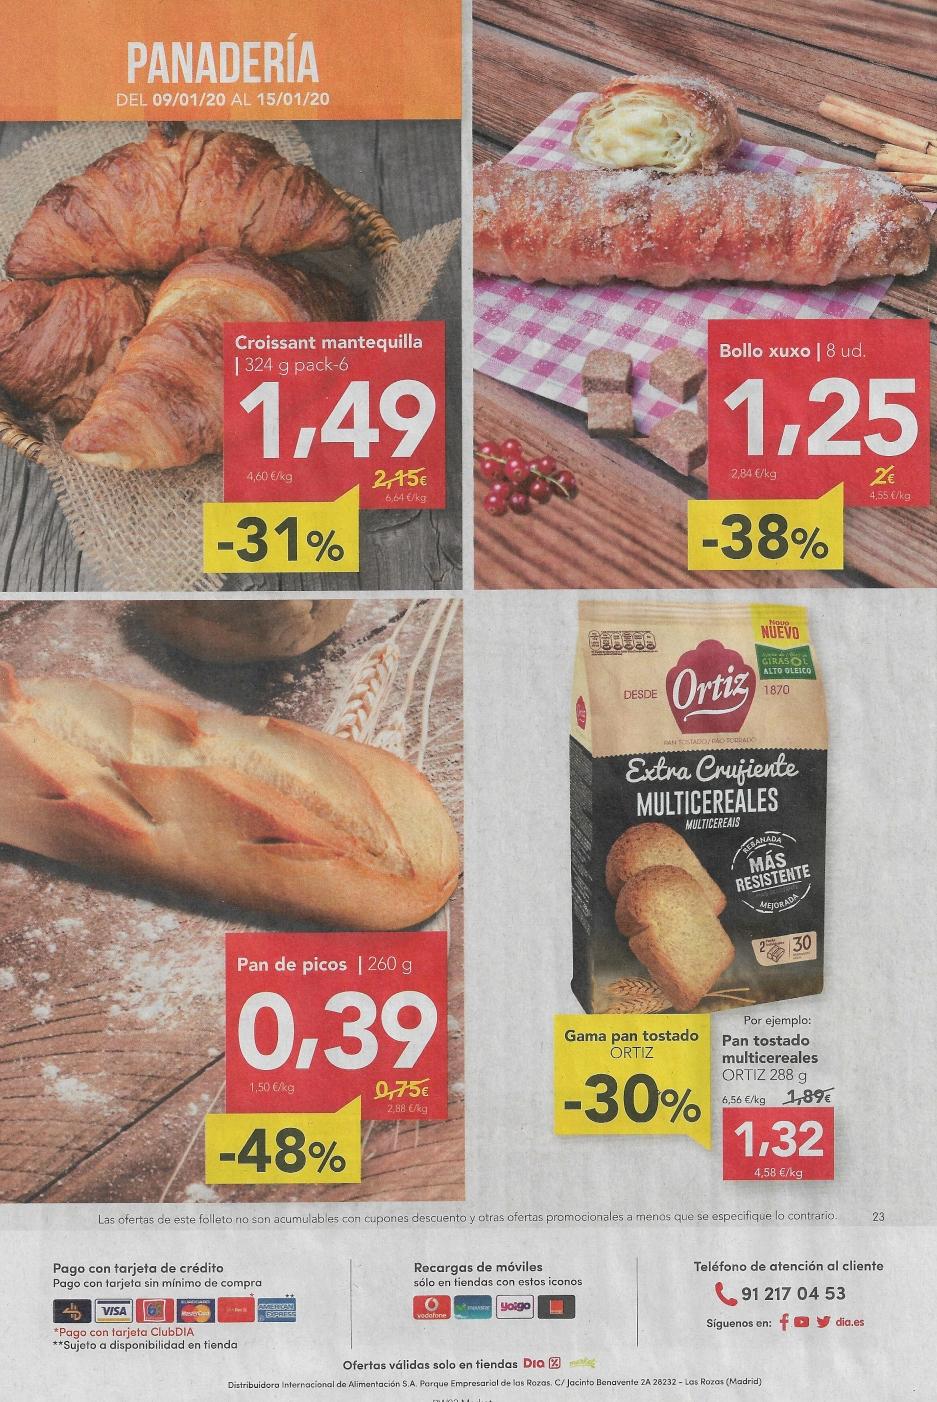 Panaderia DIA ofertas hasta el -48% Dto.